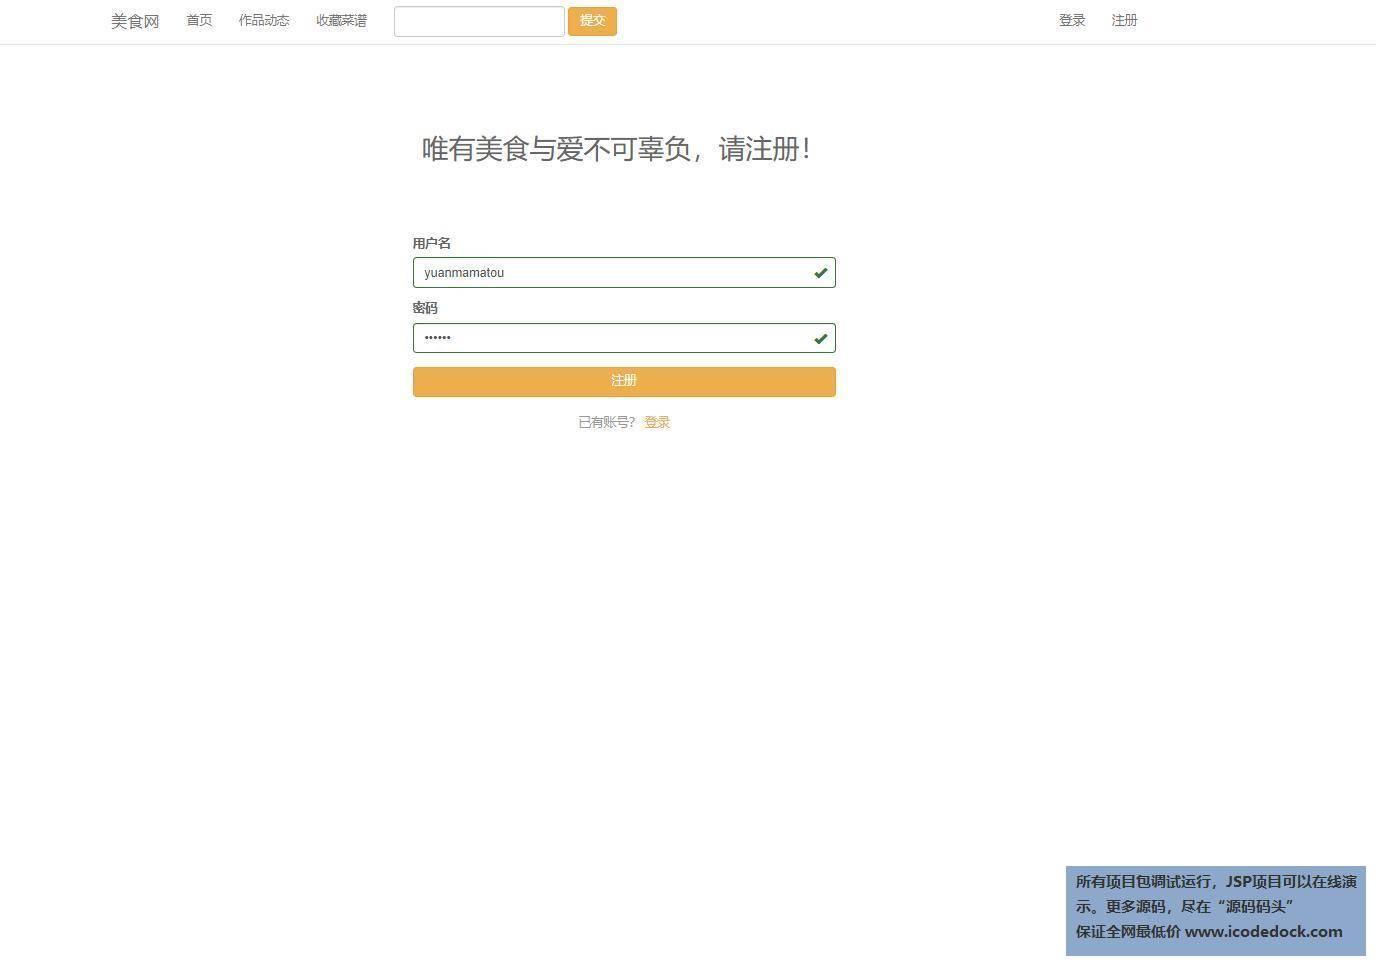 源码码头-JSP美食菜谱分享系统-用户角色-注册账号